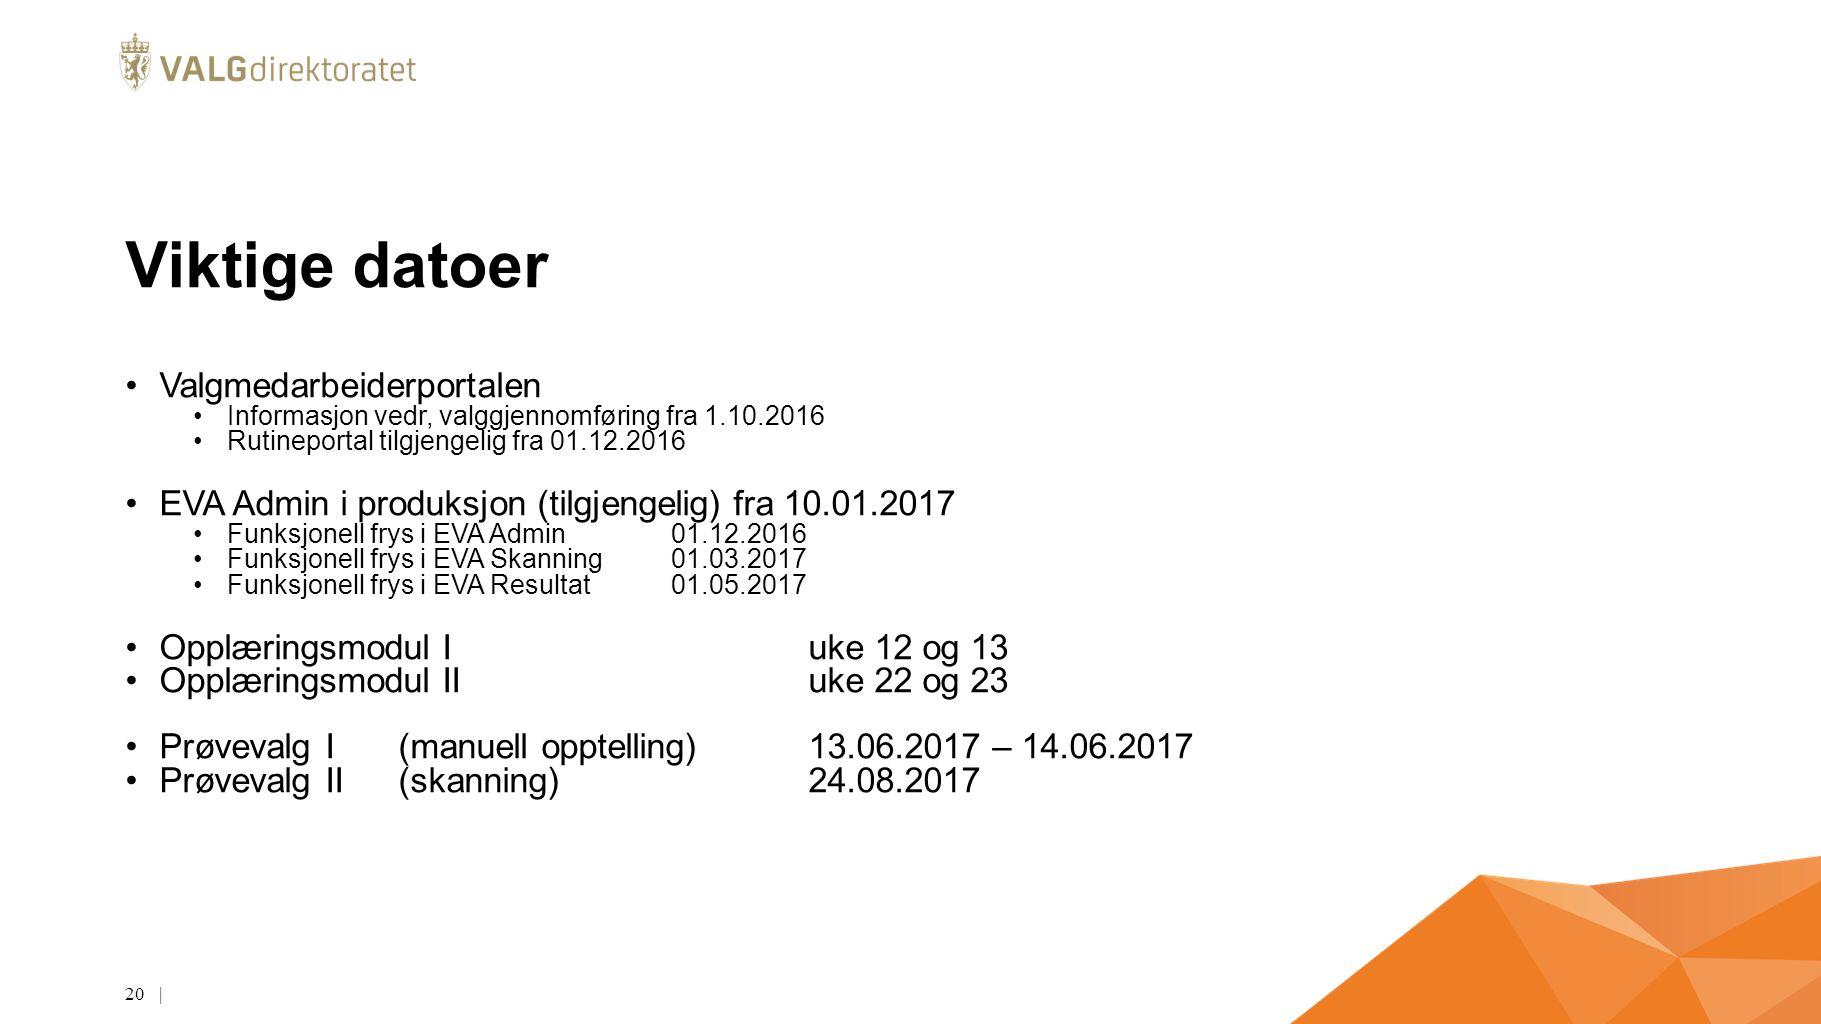 Viktige datoer Valgmedarbeiderportalen Informasjon vedr, valggjennomføring fra 1.10.2016 Rutineportal tilgjengelig fra 01.12.2016 EVA Admin i produksj